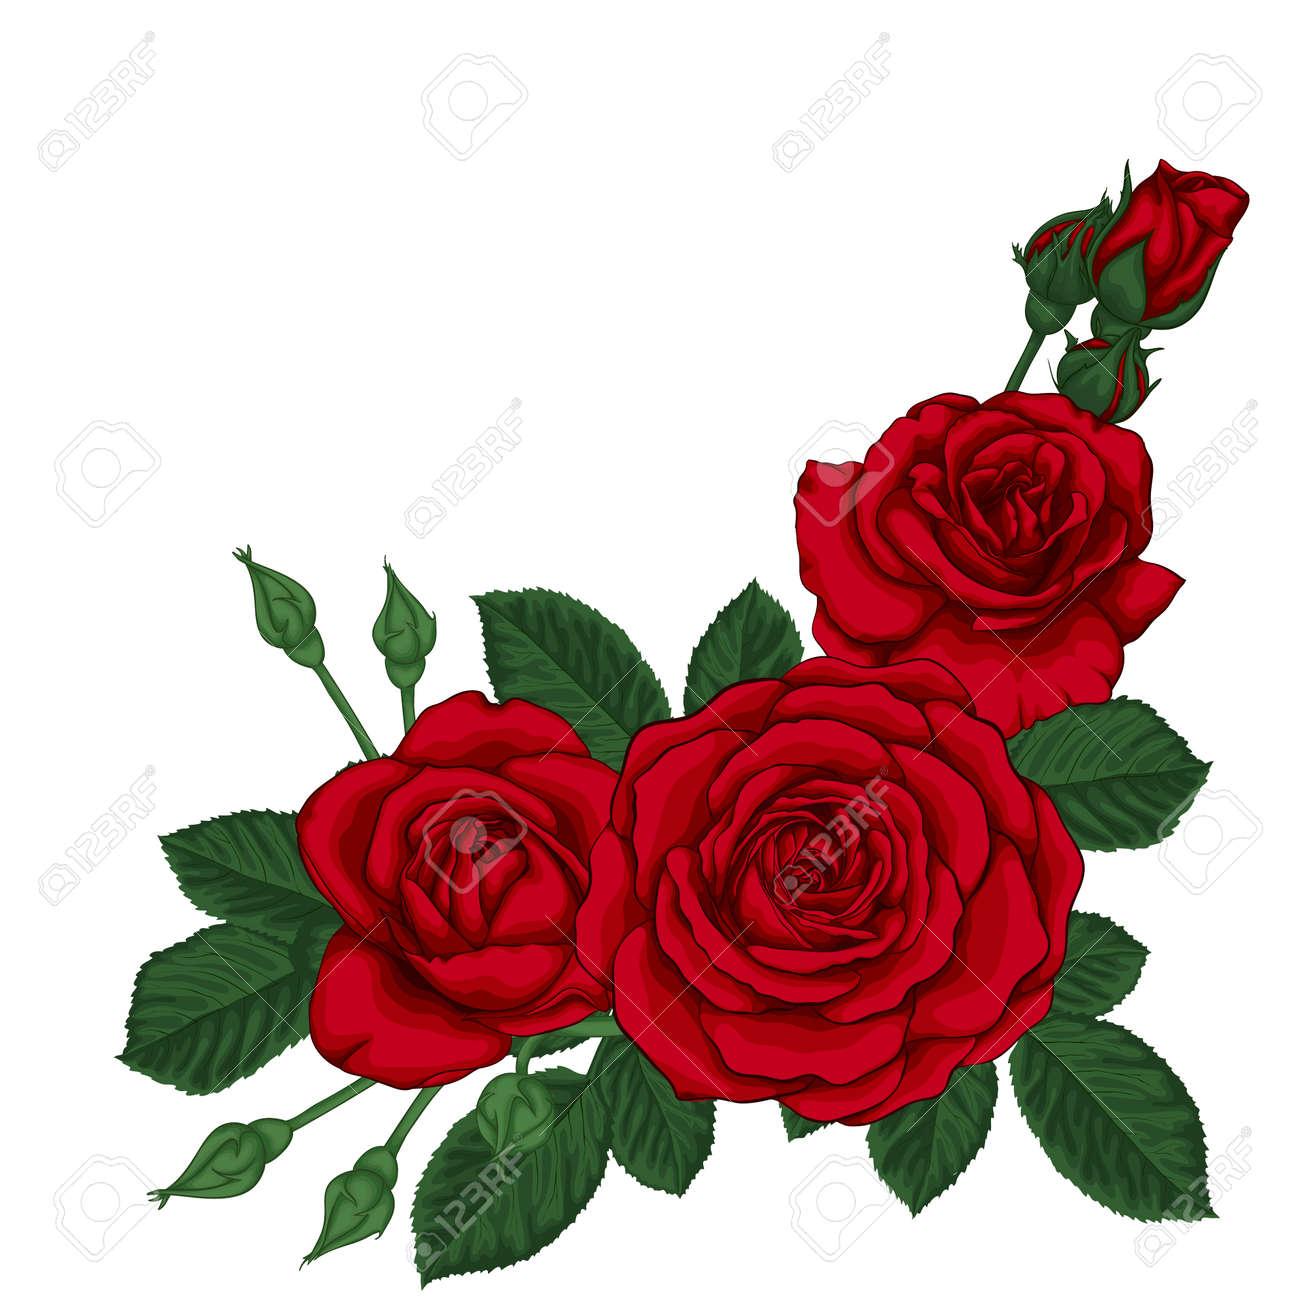 Hermoso Ramo De Tres Rosas Rojas Y Hojas Arreglo Floral Tarjeta De